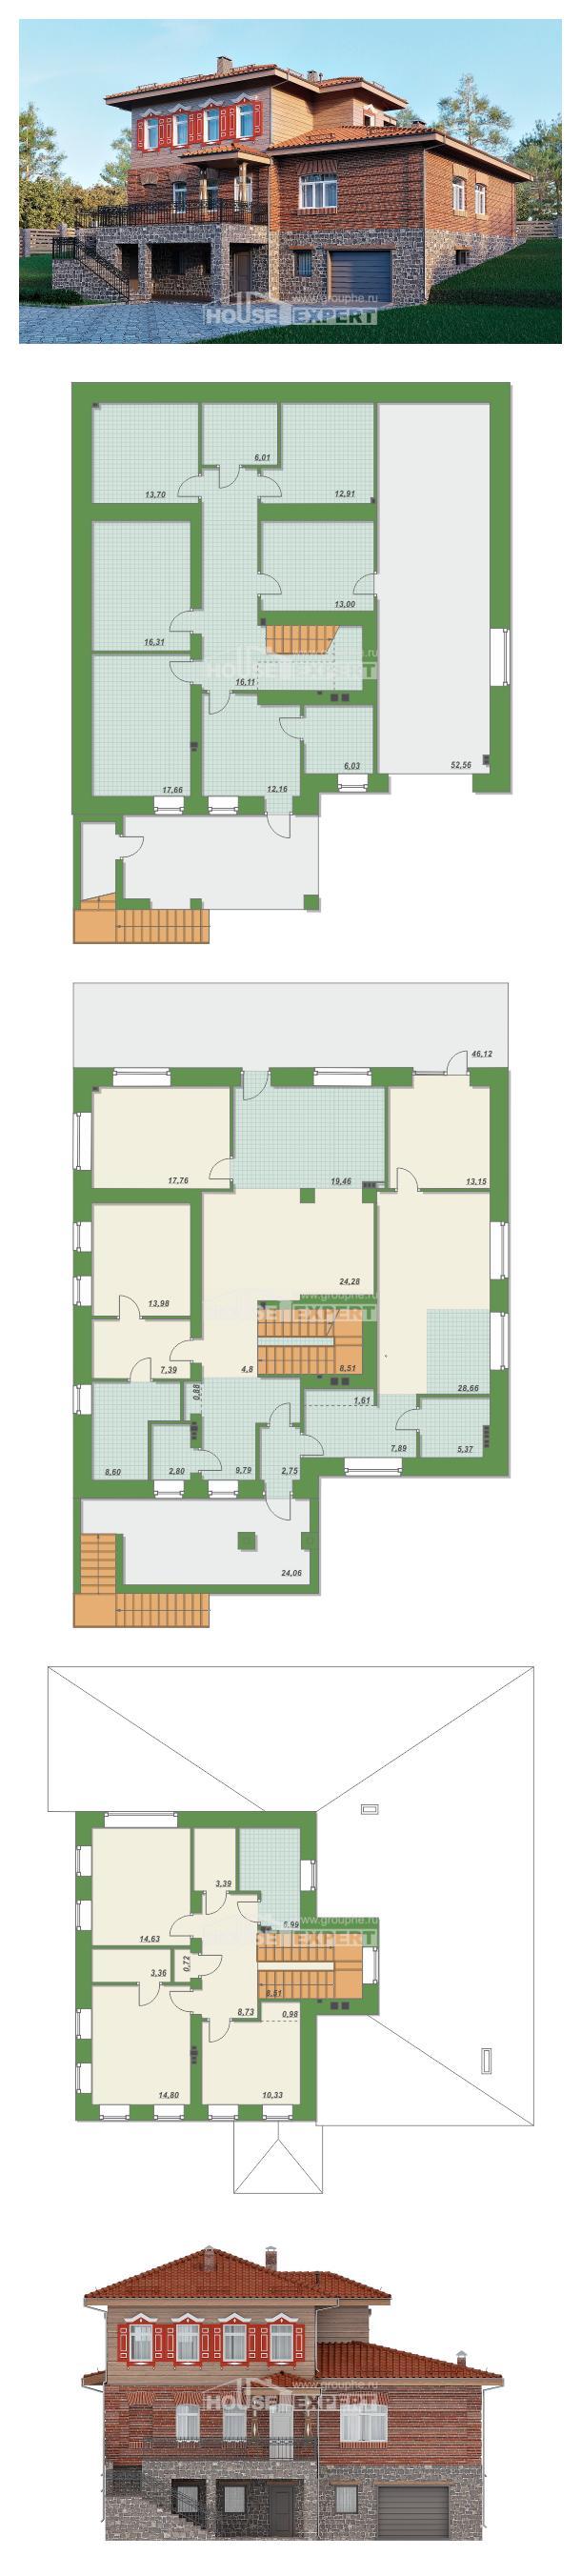 Plan 380-002-L | House Expert